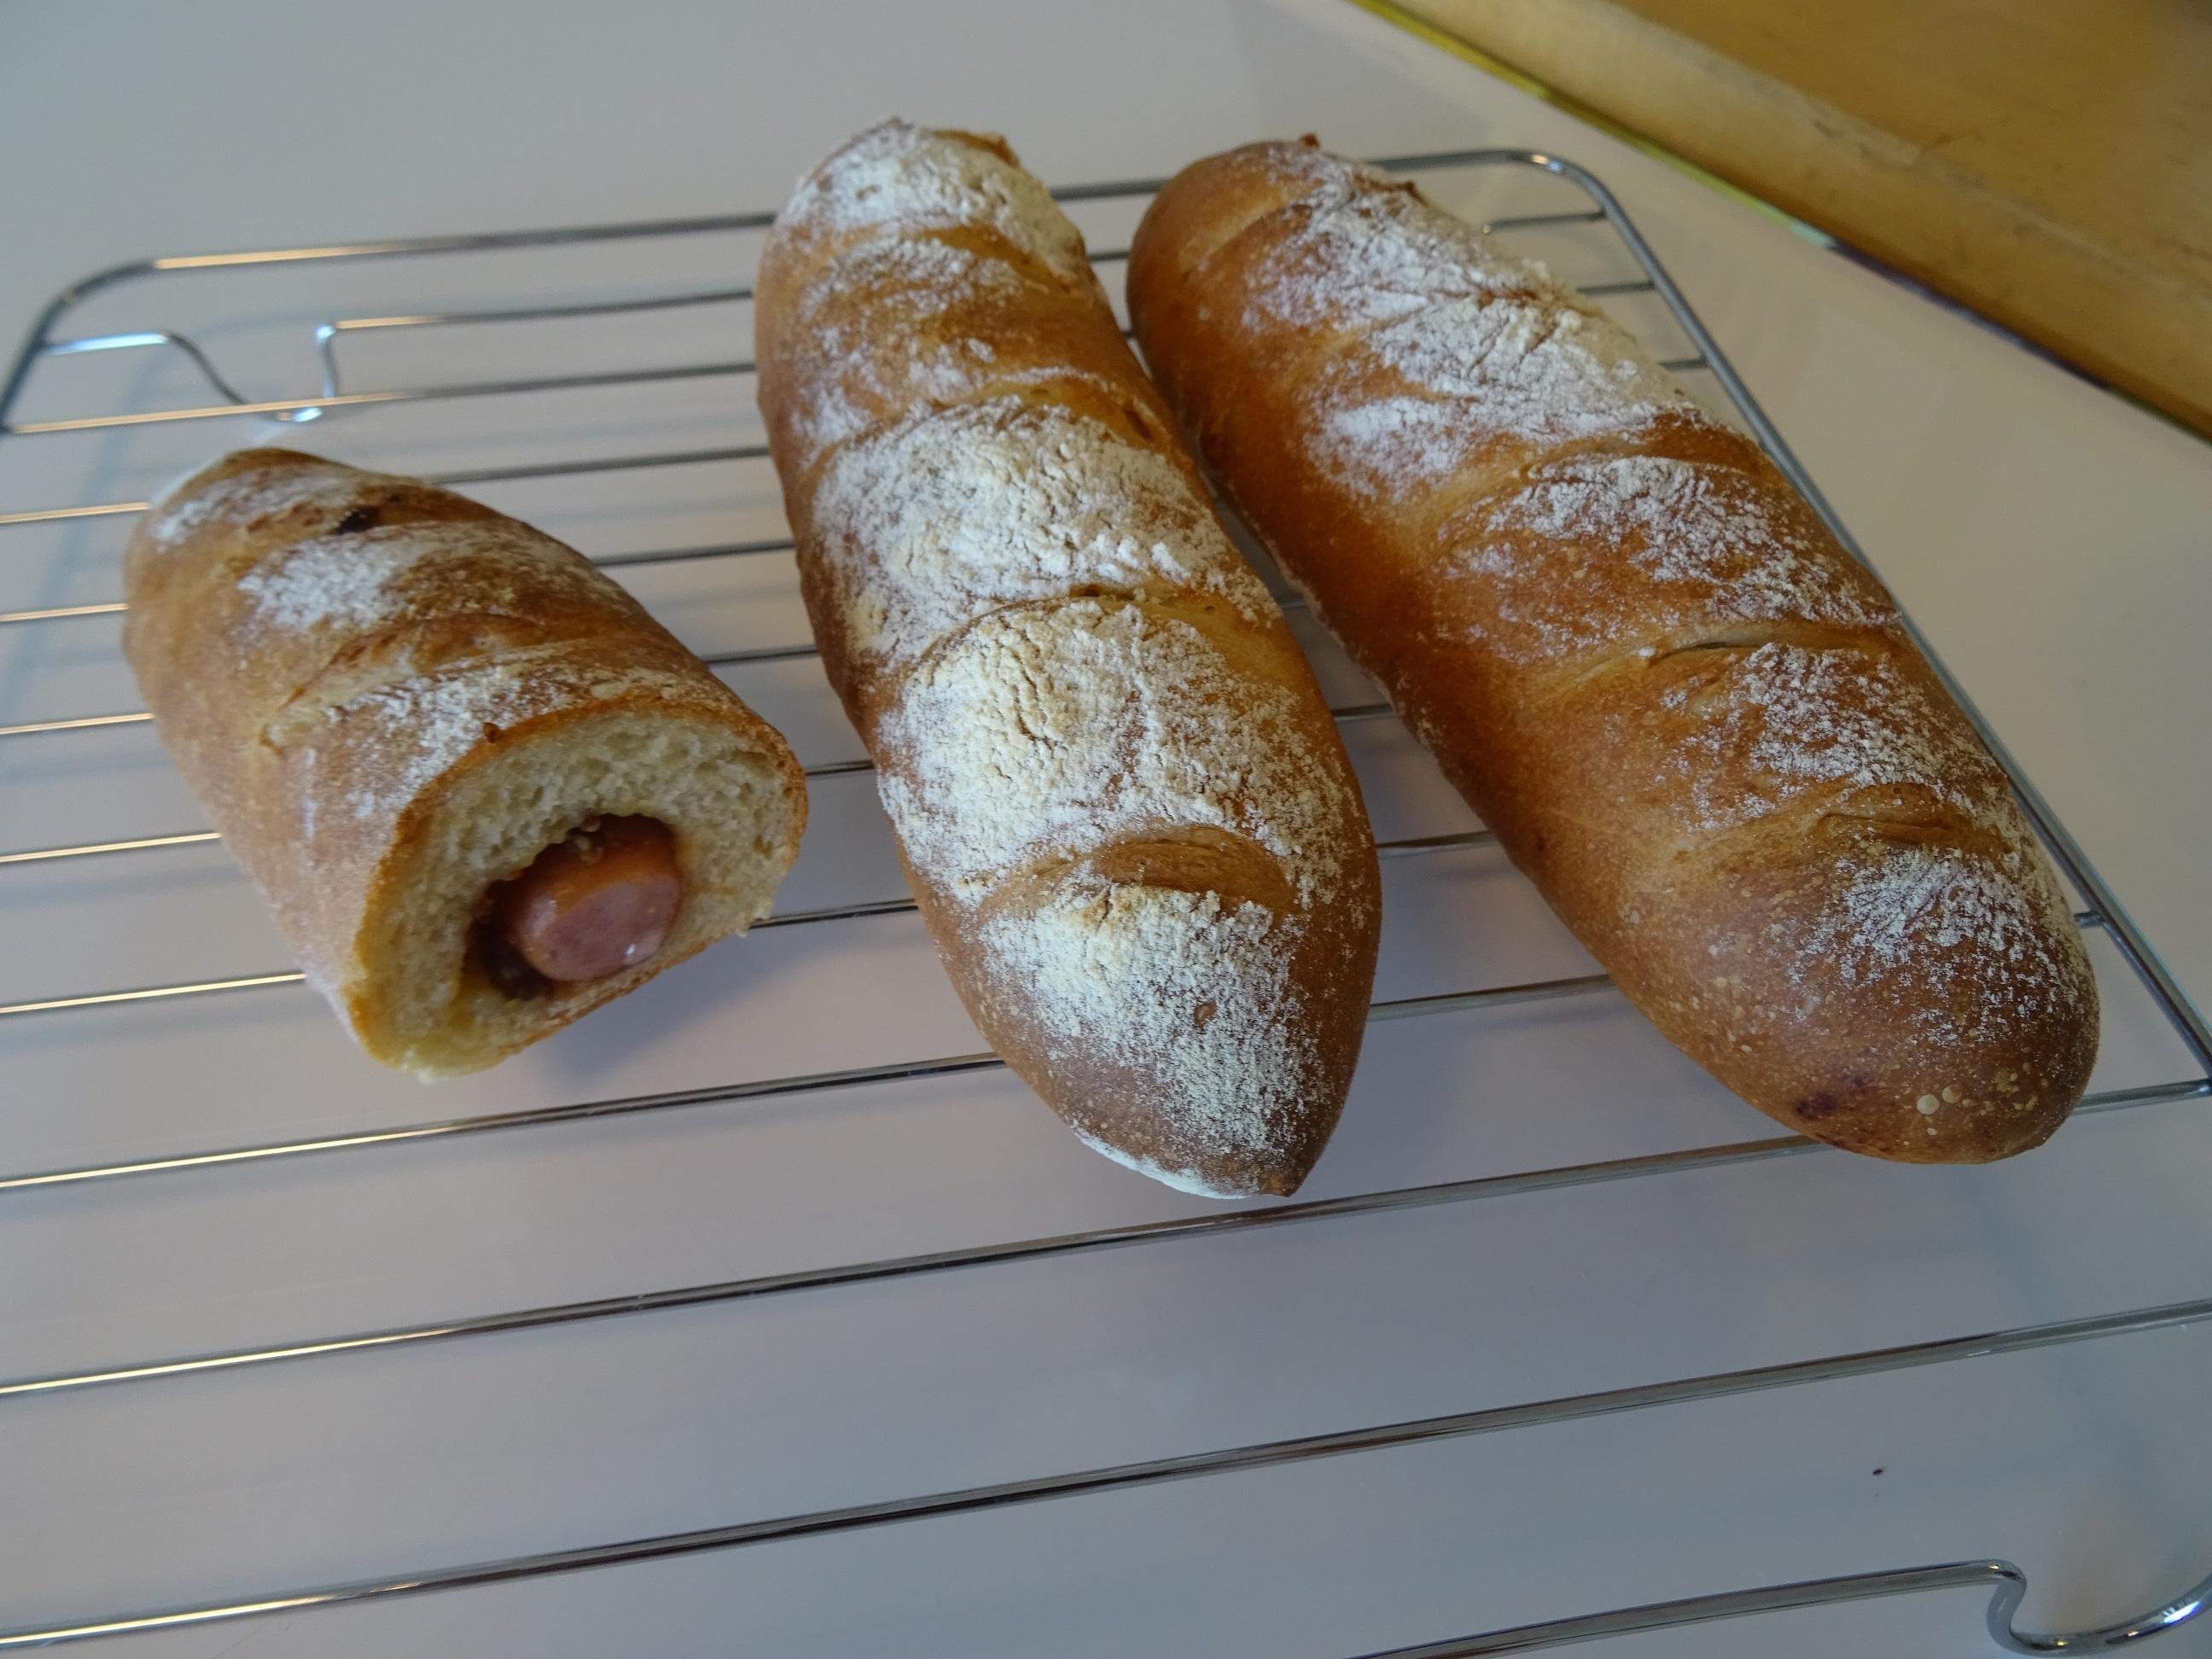 ソーセージフランス&ショコラマーブル&大納言と抹茶の渦巻きパン レッスンレポート1